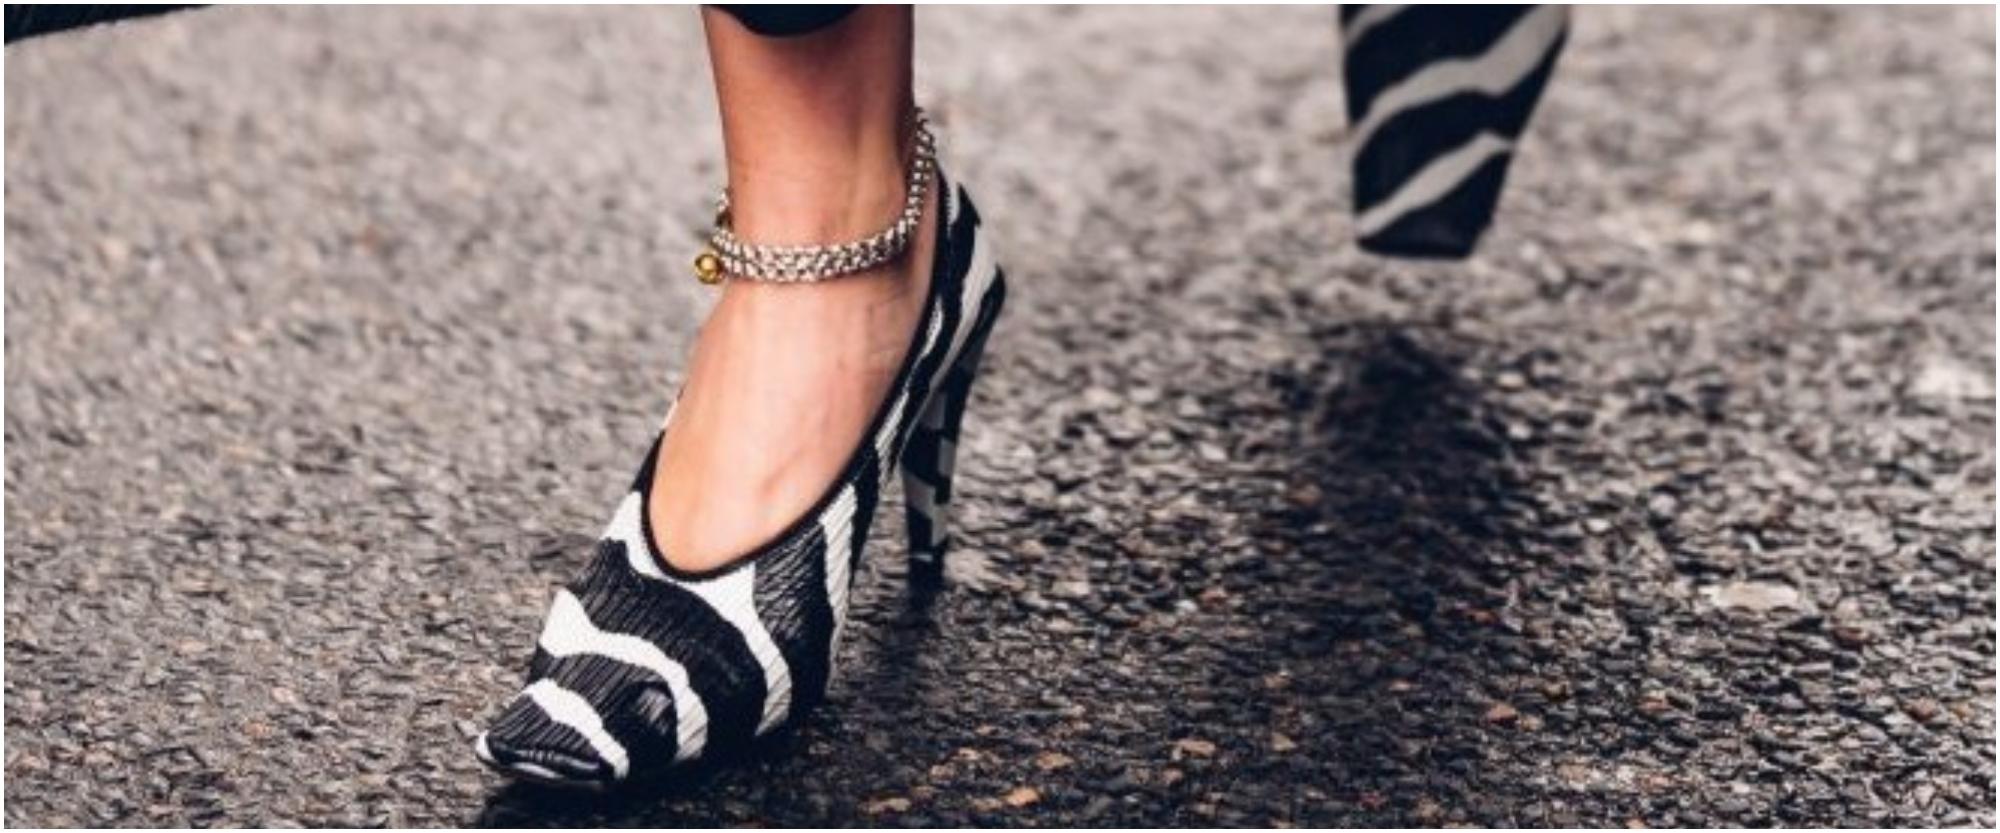 موديلات أحذية بنقوش الحيوانات اختاريها لإطلالة أنيقة